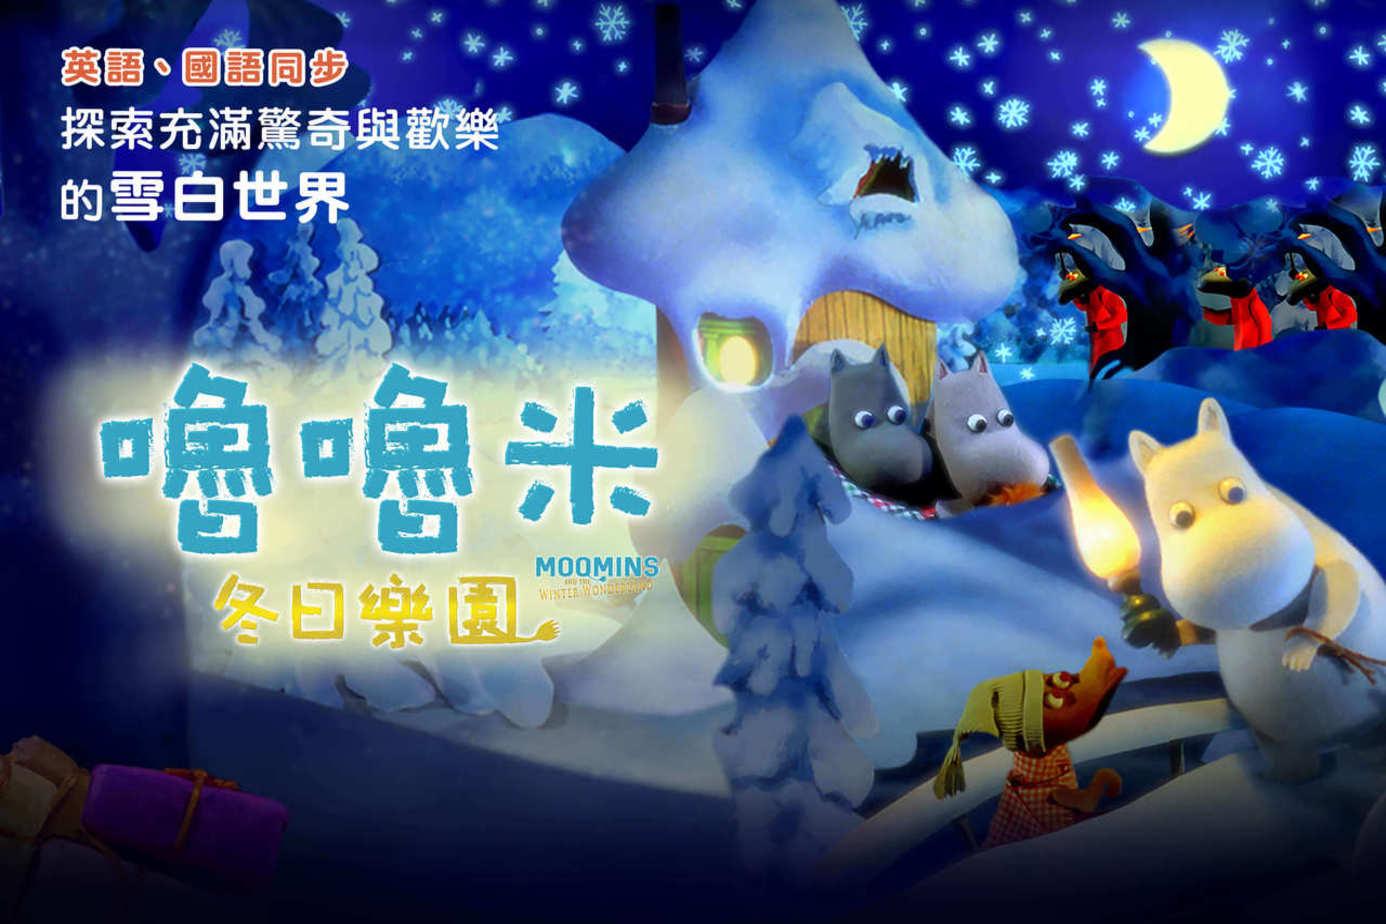 (中)嚕嚕米冬日樂園